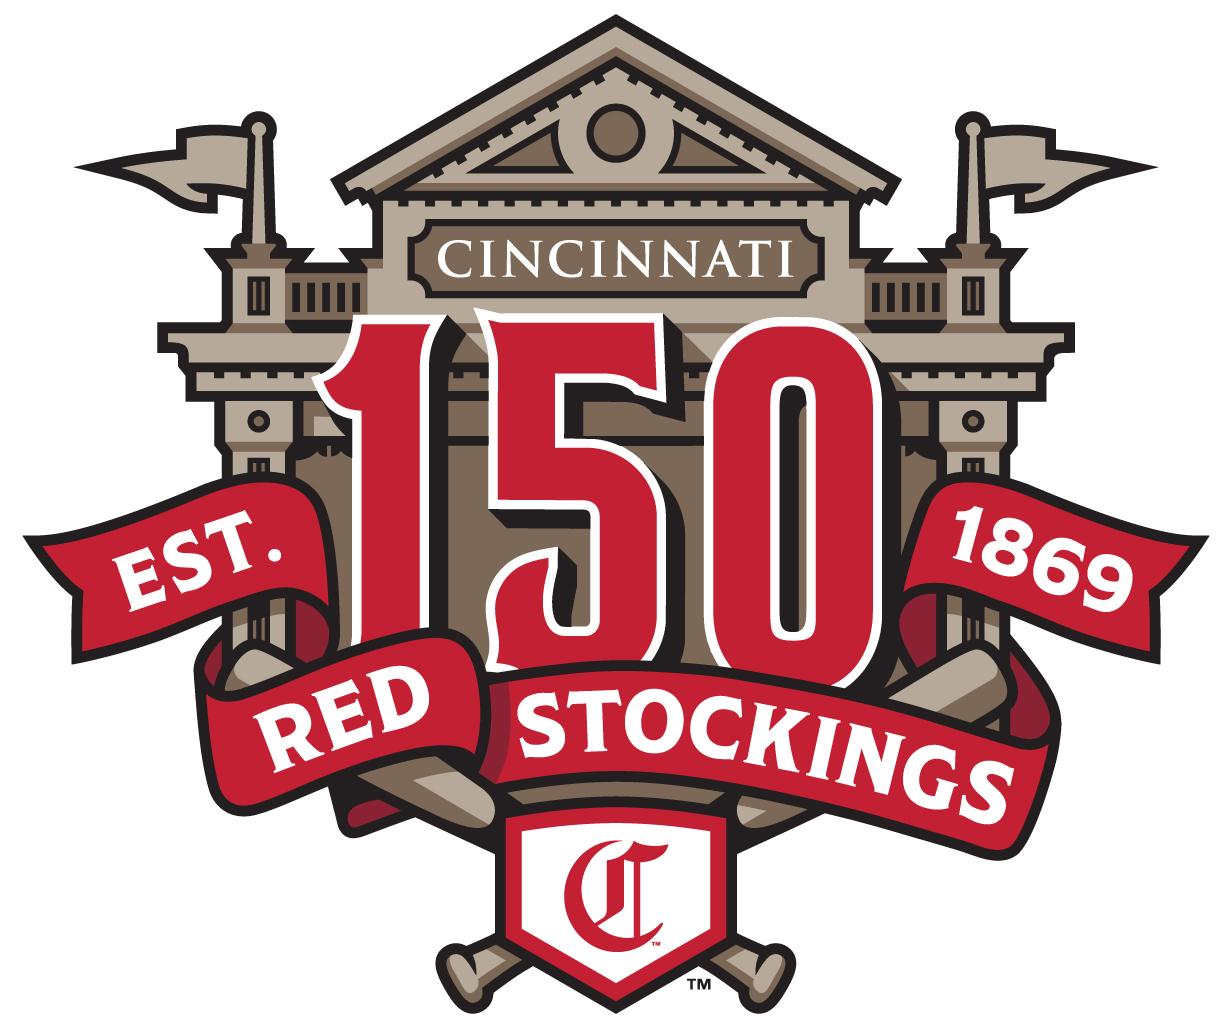 Cincinnati Reds To Celebrate 150th Anniversary In 2019